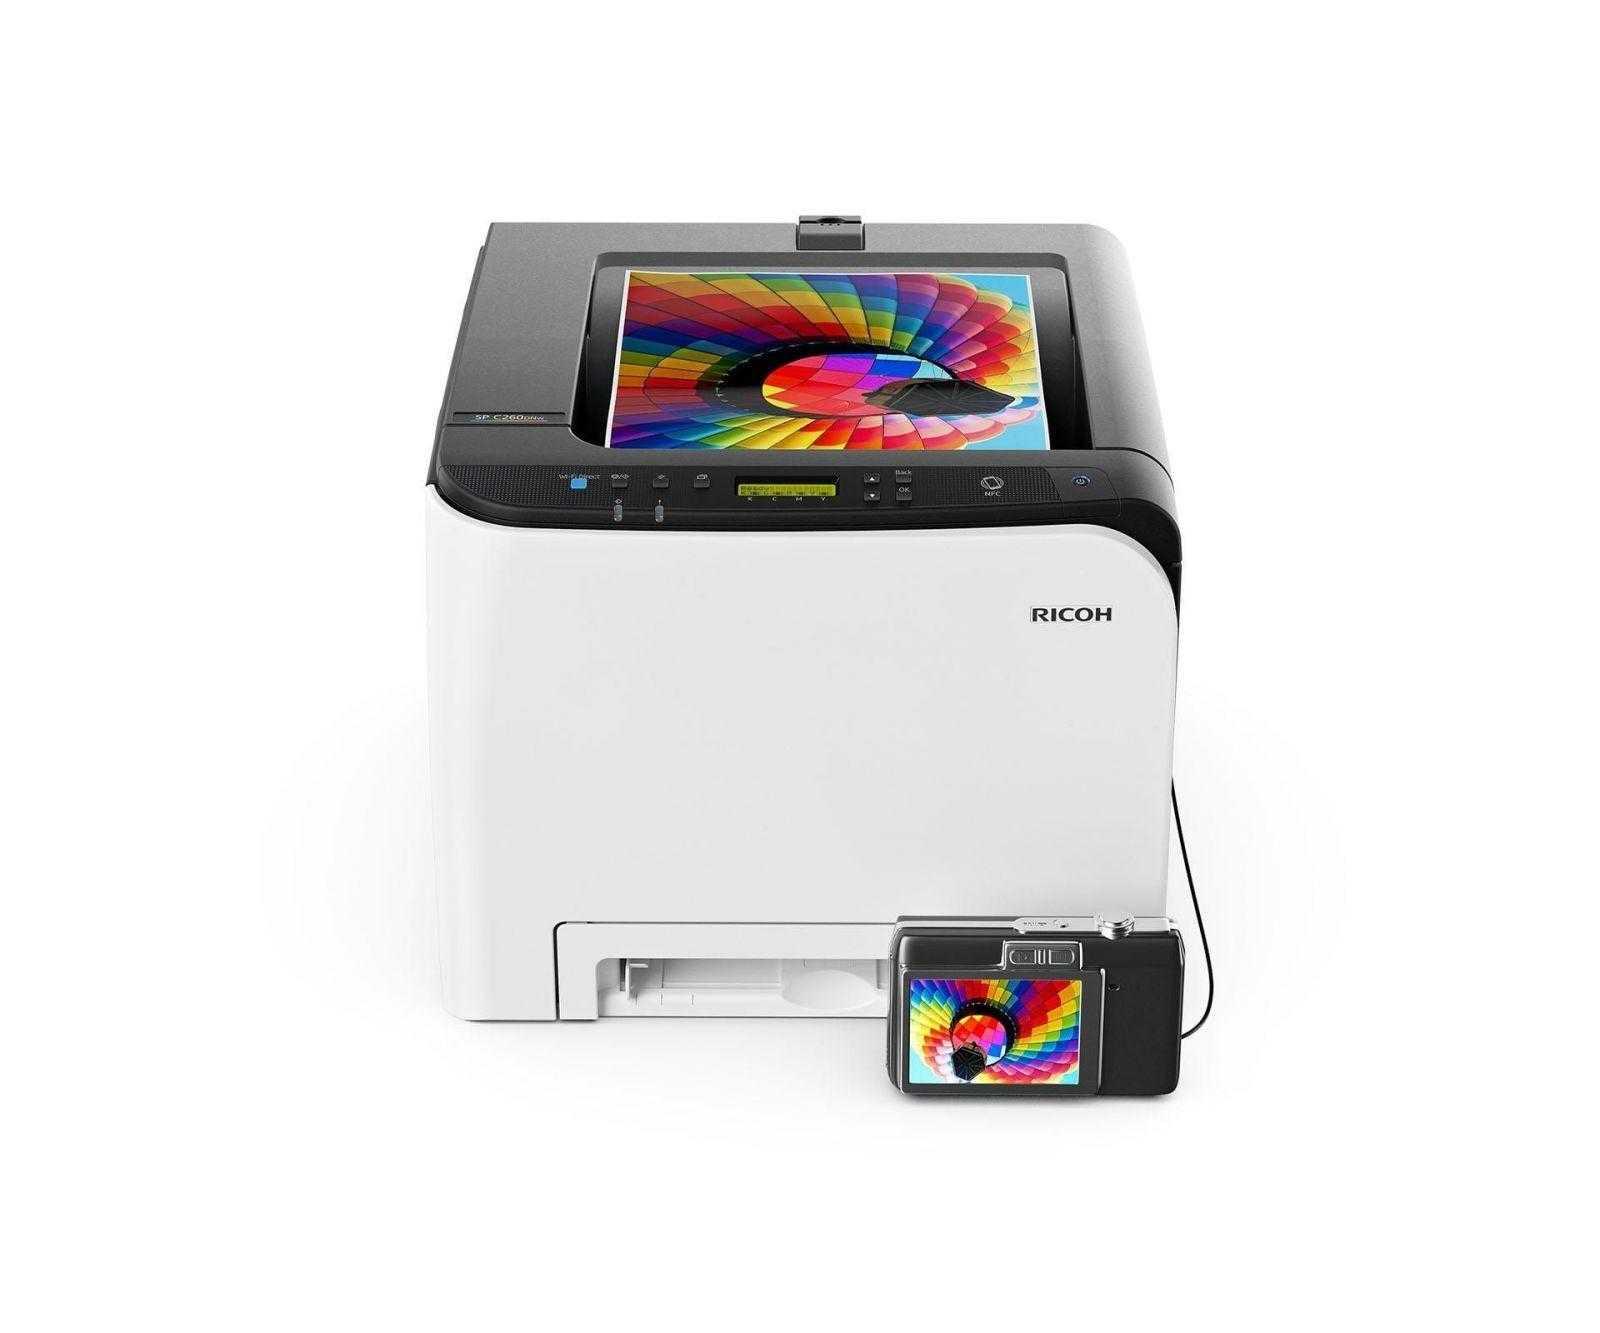 Новые цветные лазерные принтеры и МФУ Ricoh для бизнеса уже в России (Ricoh SP C260DNw)